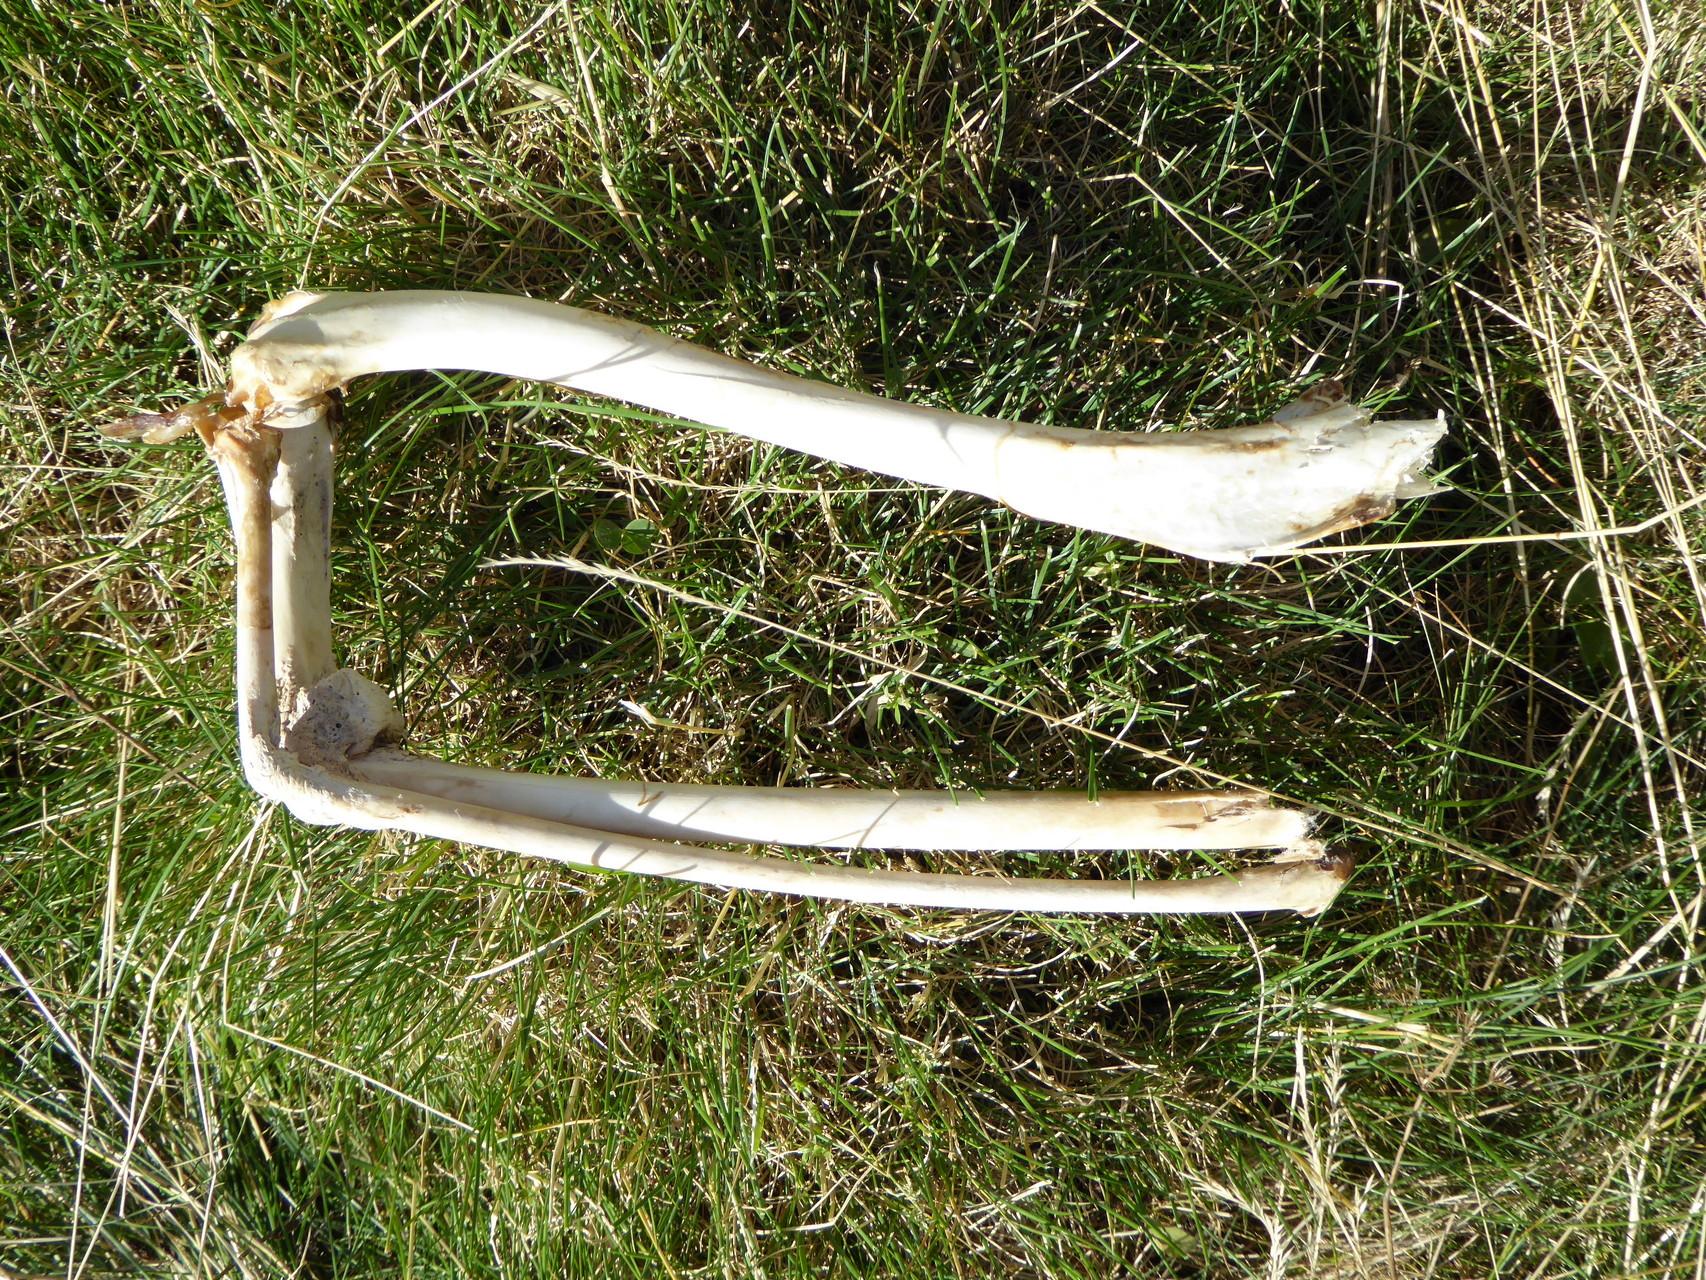 ...flûtes percées datant d'il y a 30 000 ans dans la grotte d'Isturitz au pays basque.